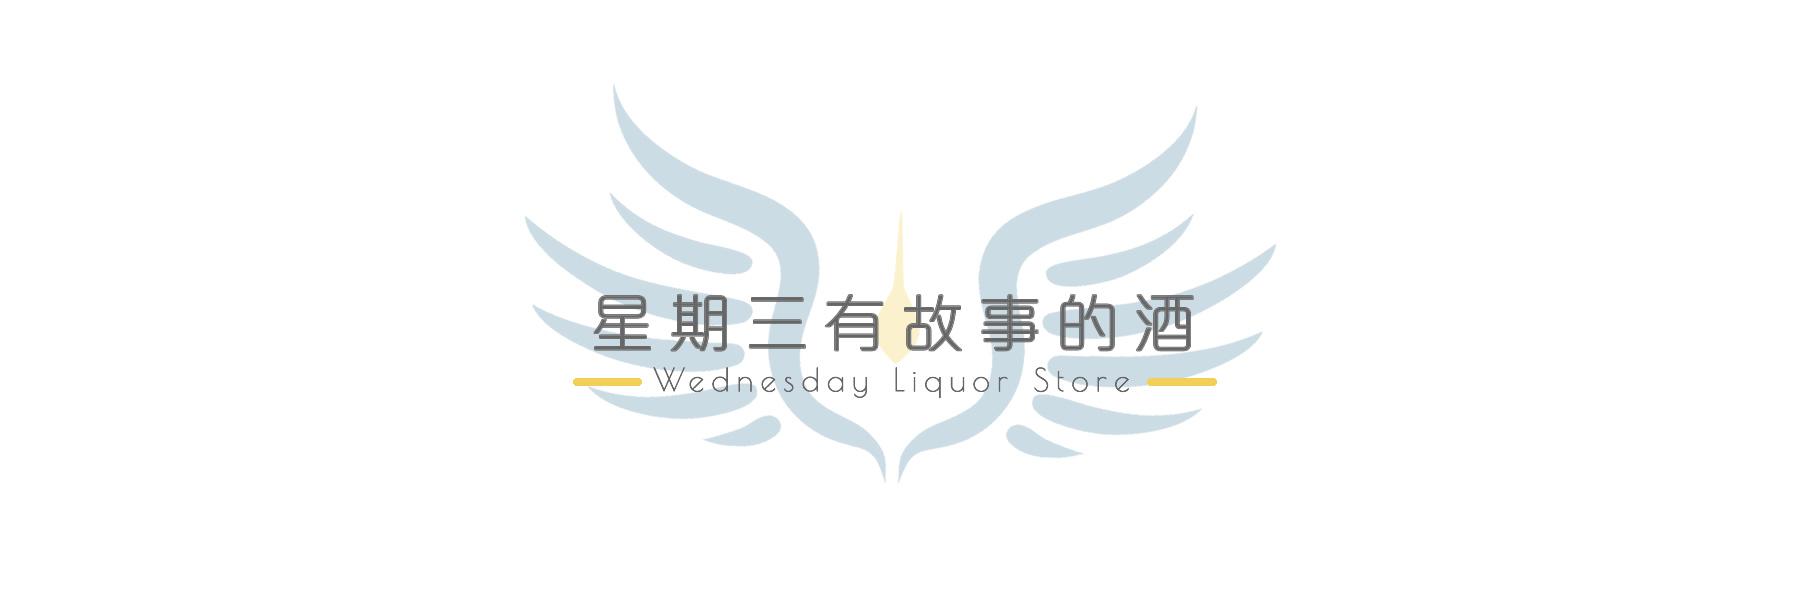 【特洛伊的亂七八糟講座 - 為什麼叫星期三有故事的酒?!】